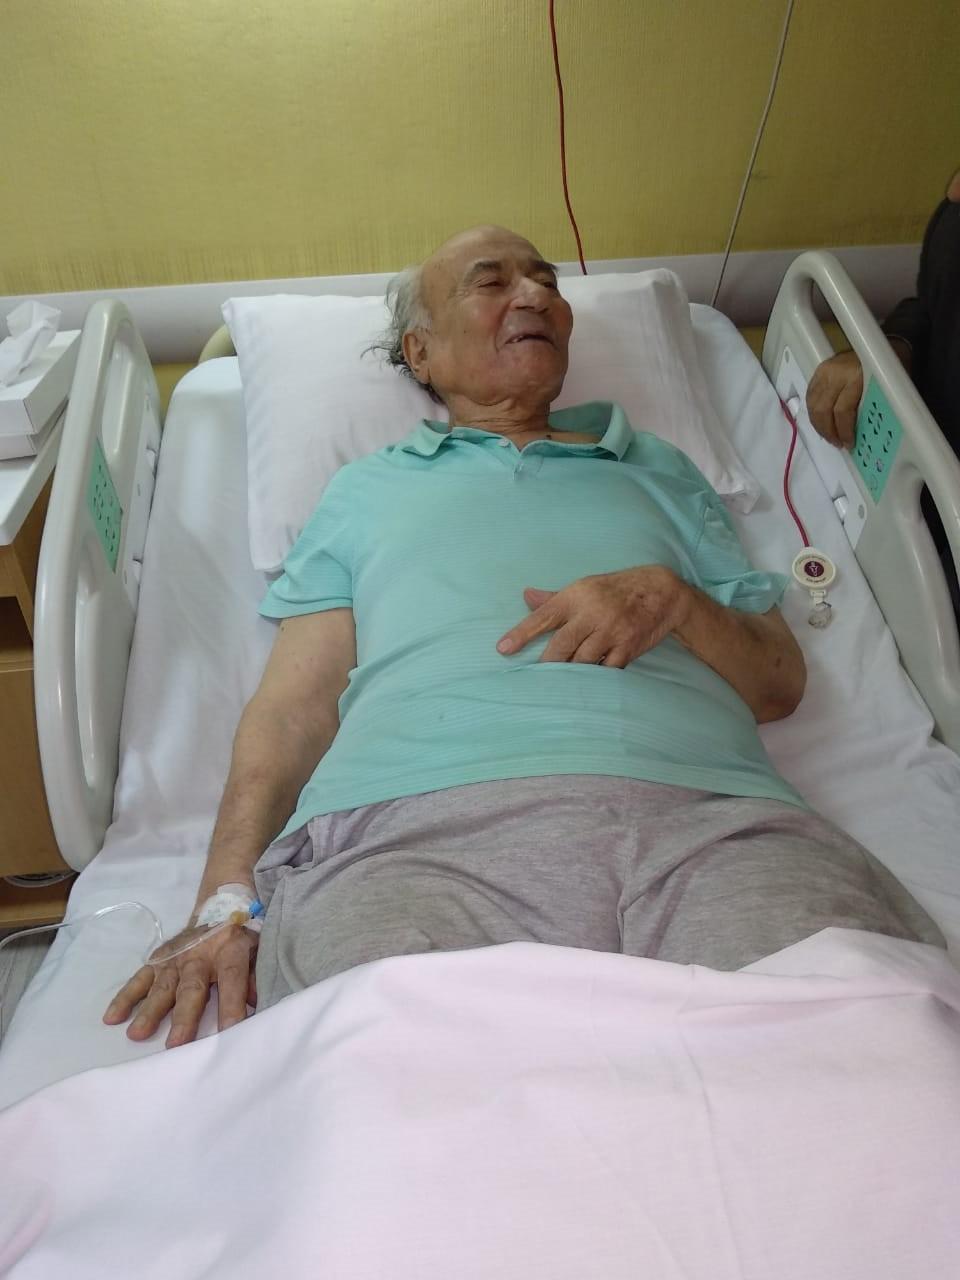 نقل الدكتوريوسف والى لمستشفى الزراعيين..وفريق طبى يعد تقريرا حول حالته  117165-يوسف-والى--فى--حضرة-مستشفى-الزراعيين-(12)